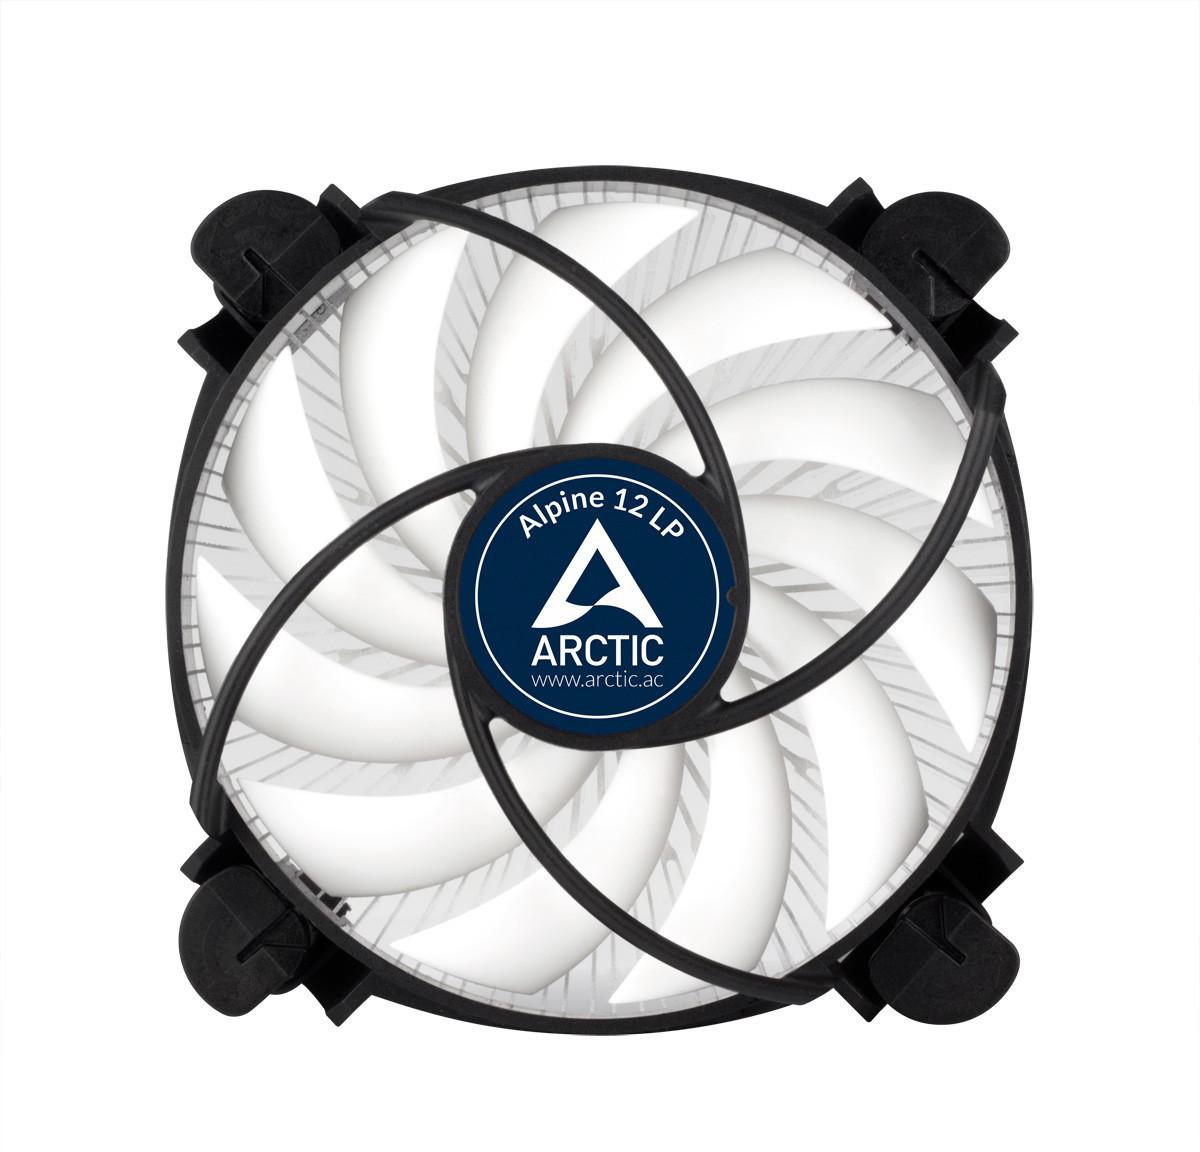 Image of Arctic Alpine 12 LP